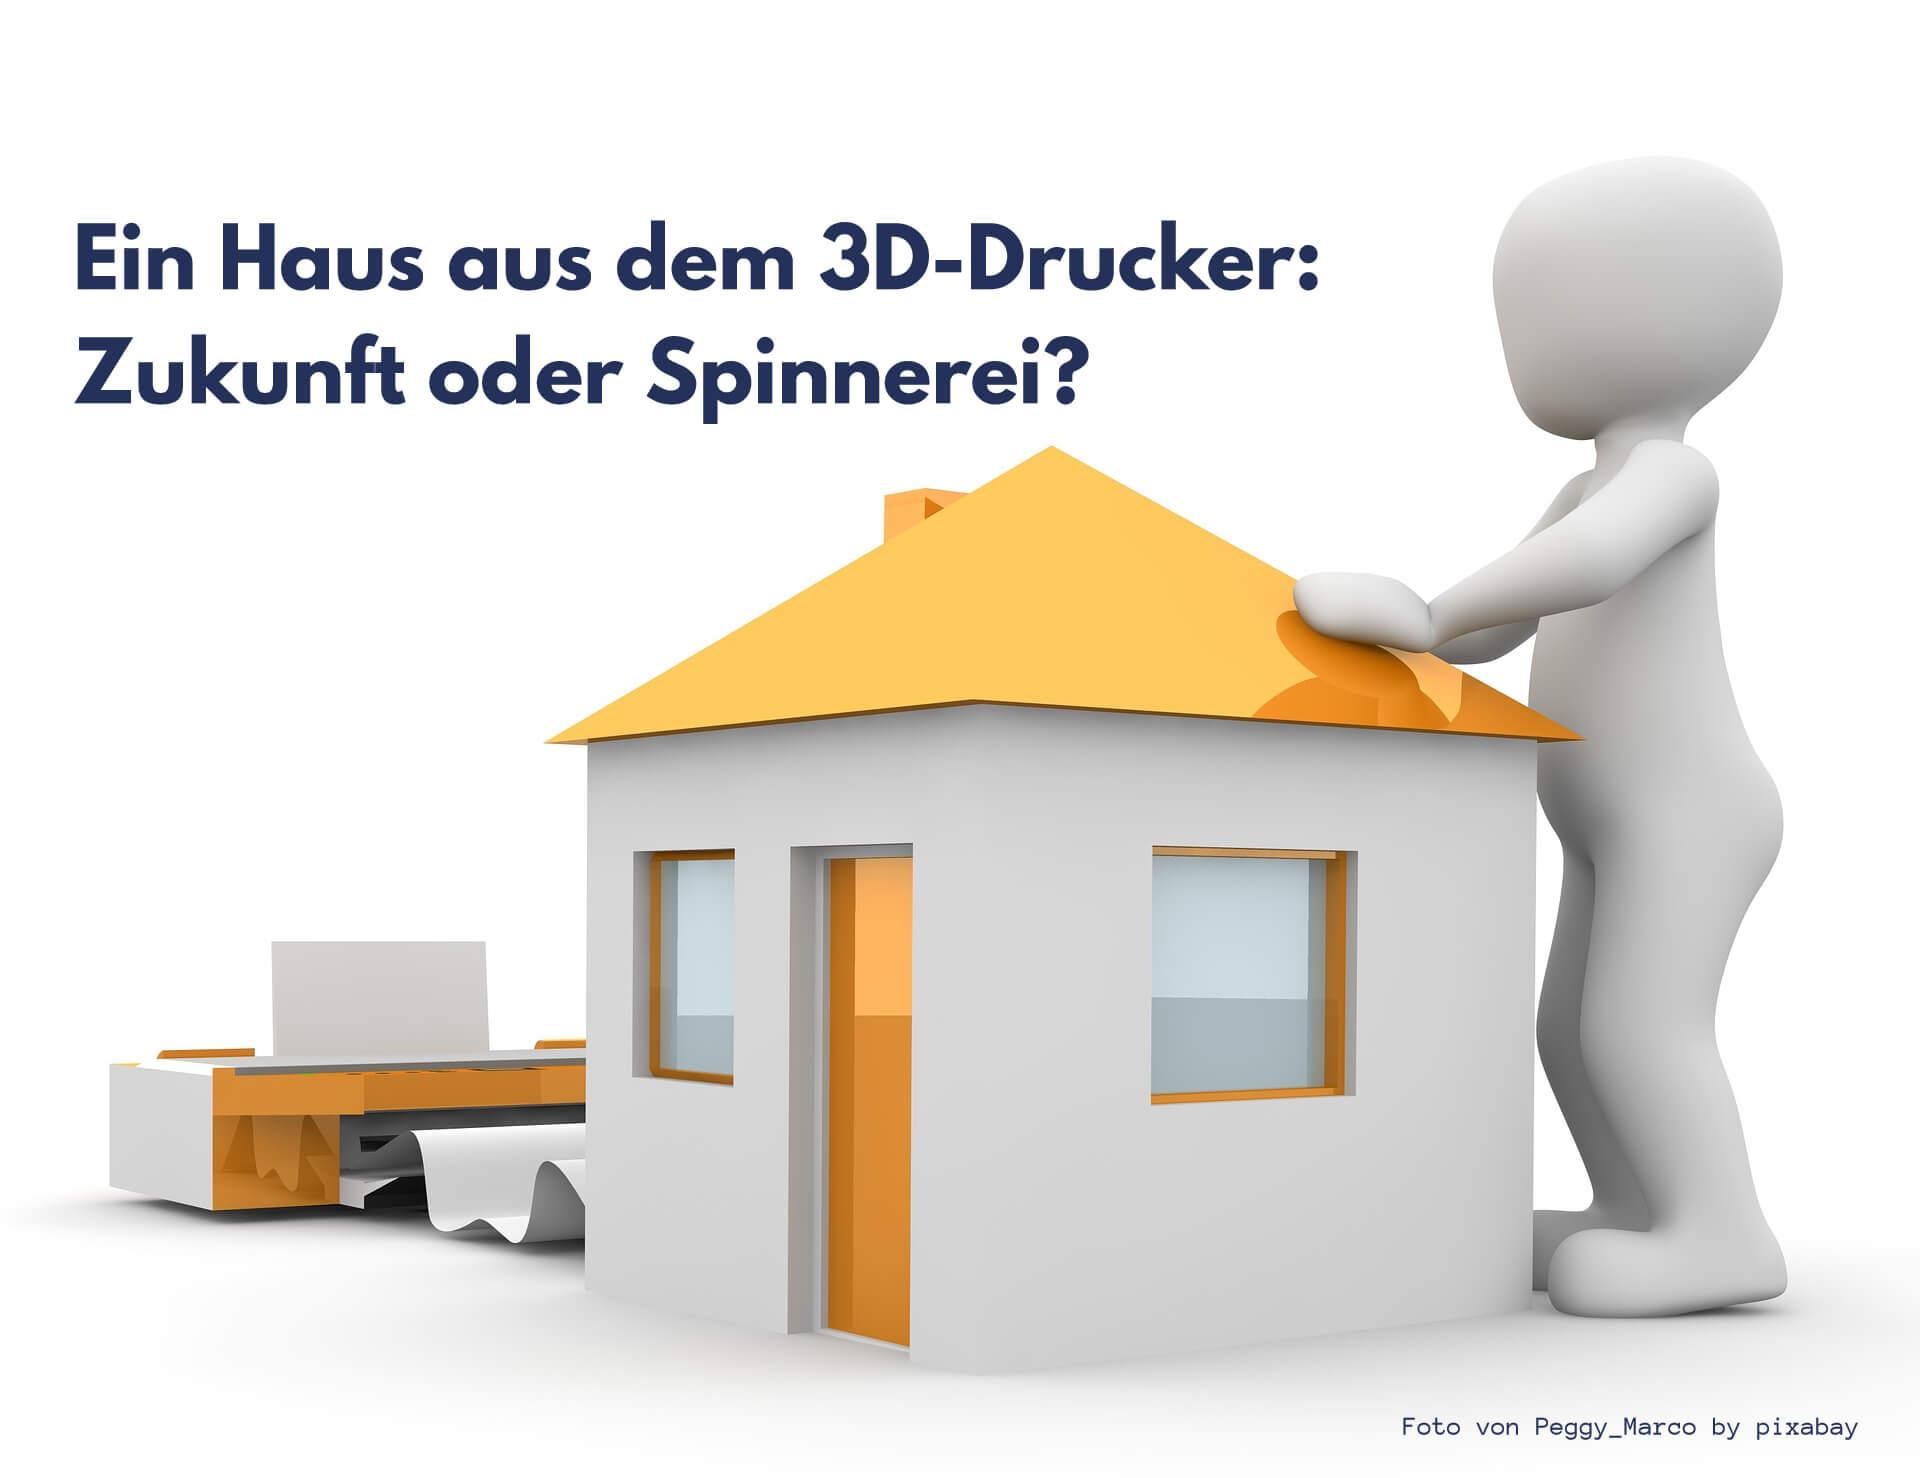 3D-Drucker-Haus